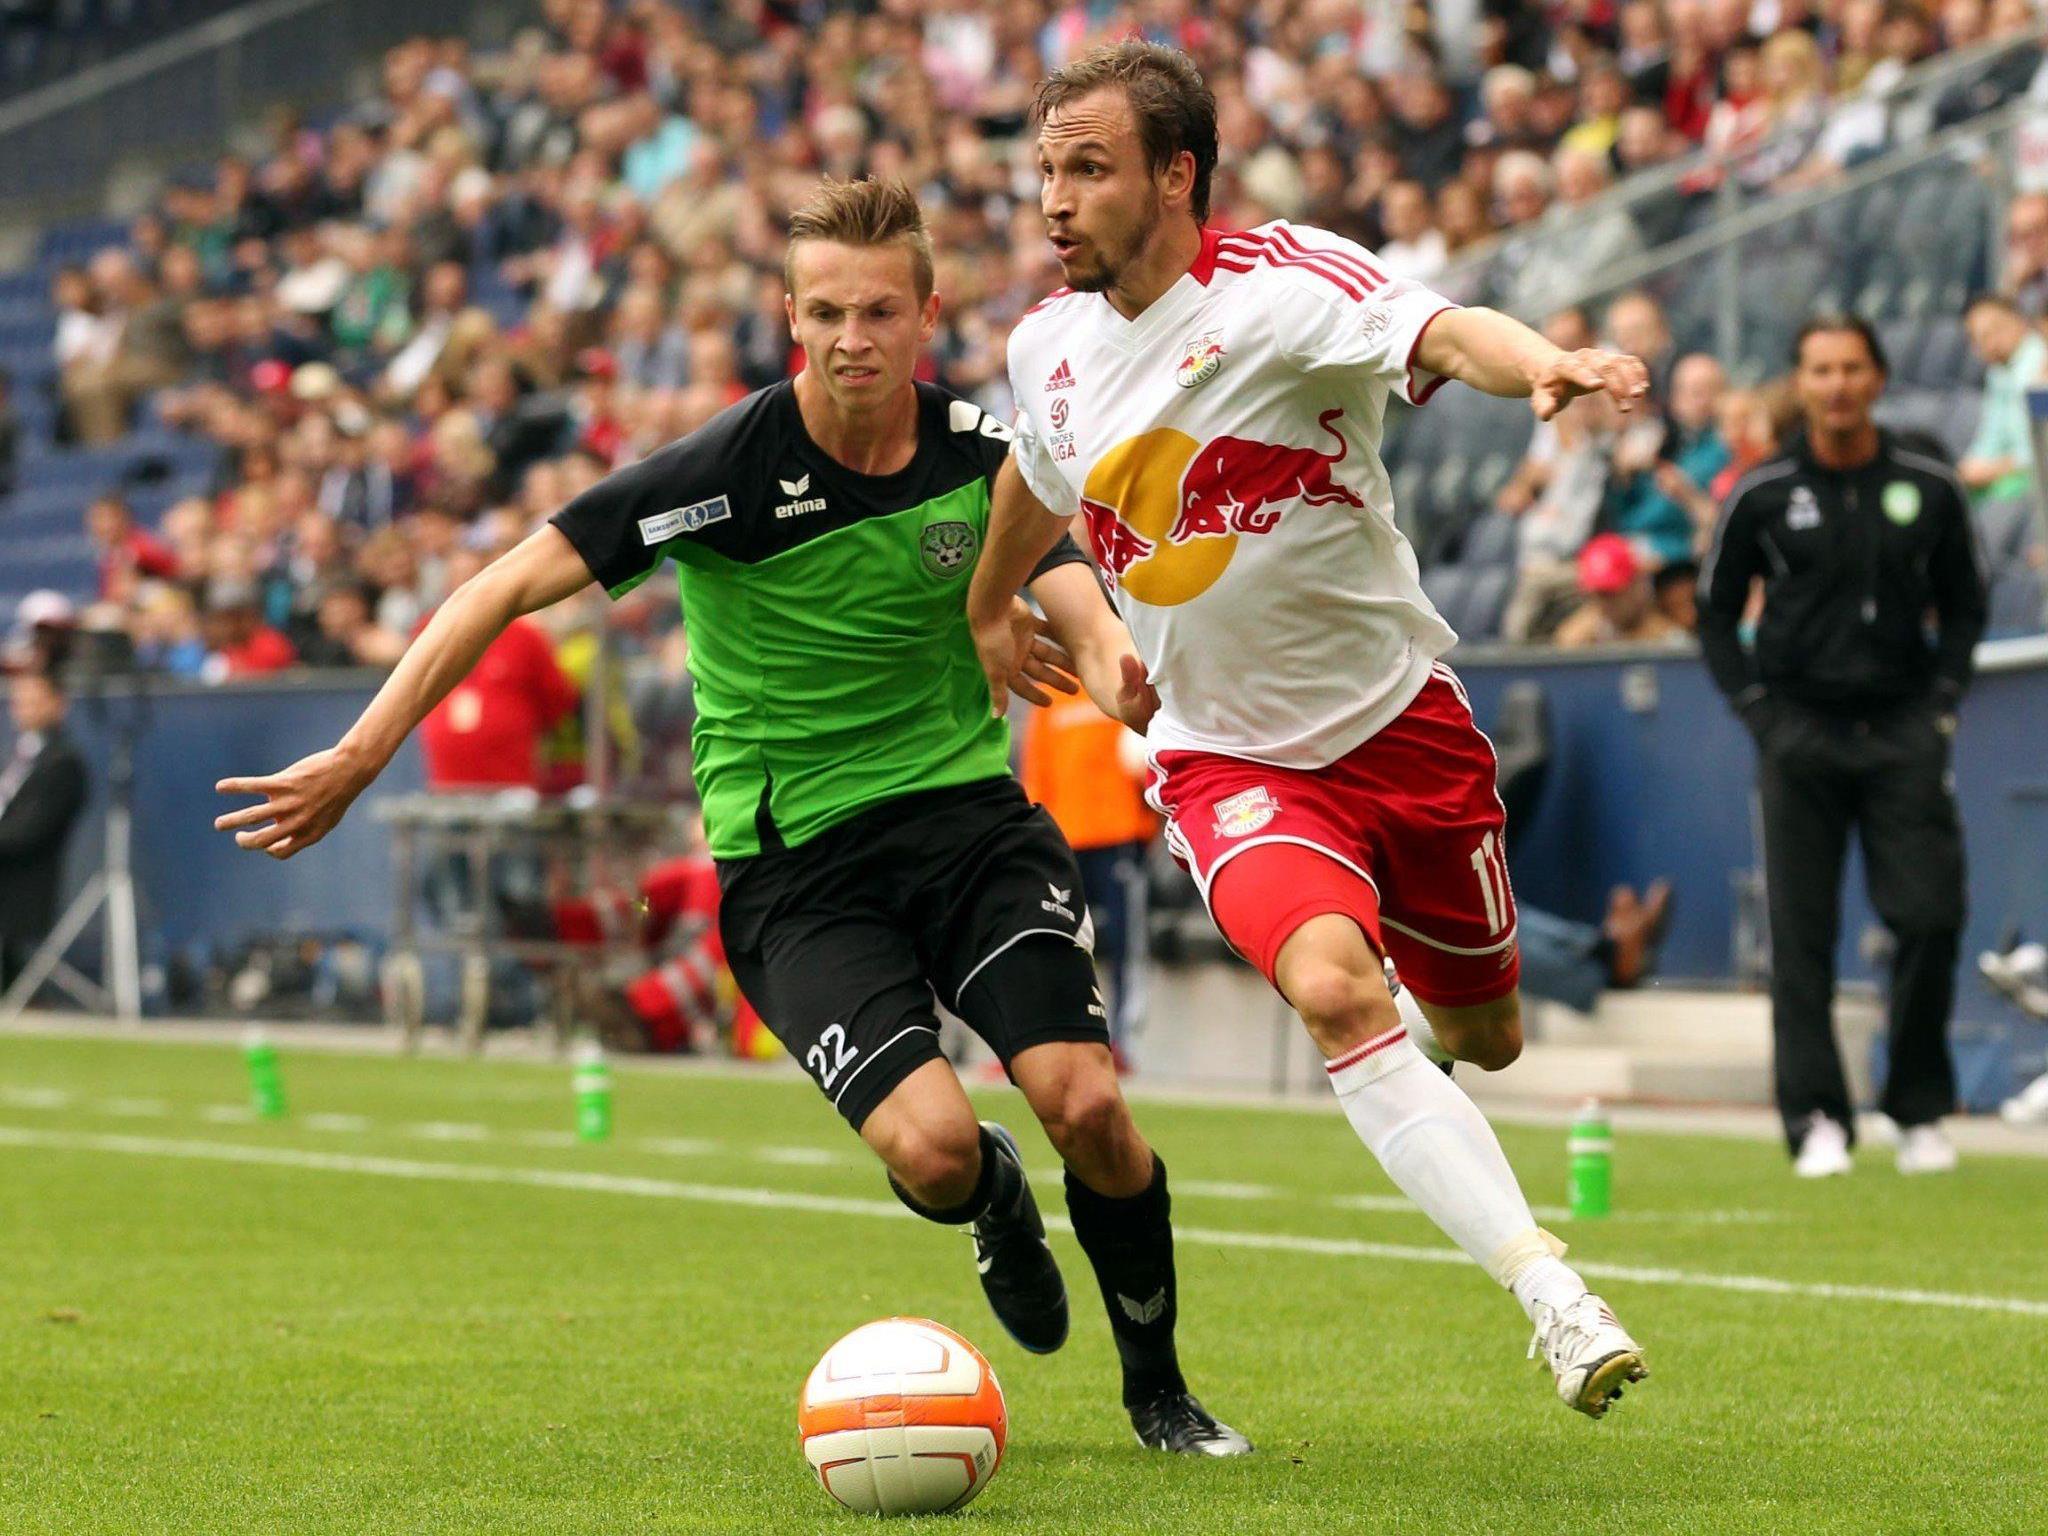 Schobesberger (li.) Im Duell gegen Ulmer im ÖFB-Cup-Halbfinale 2013.